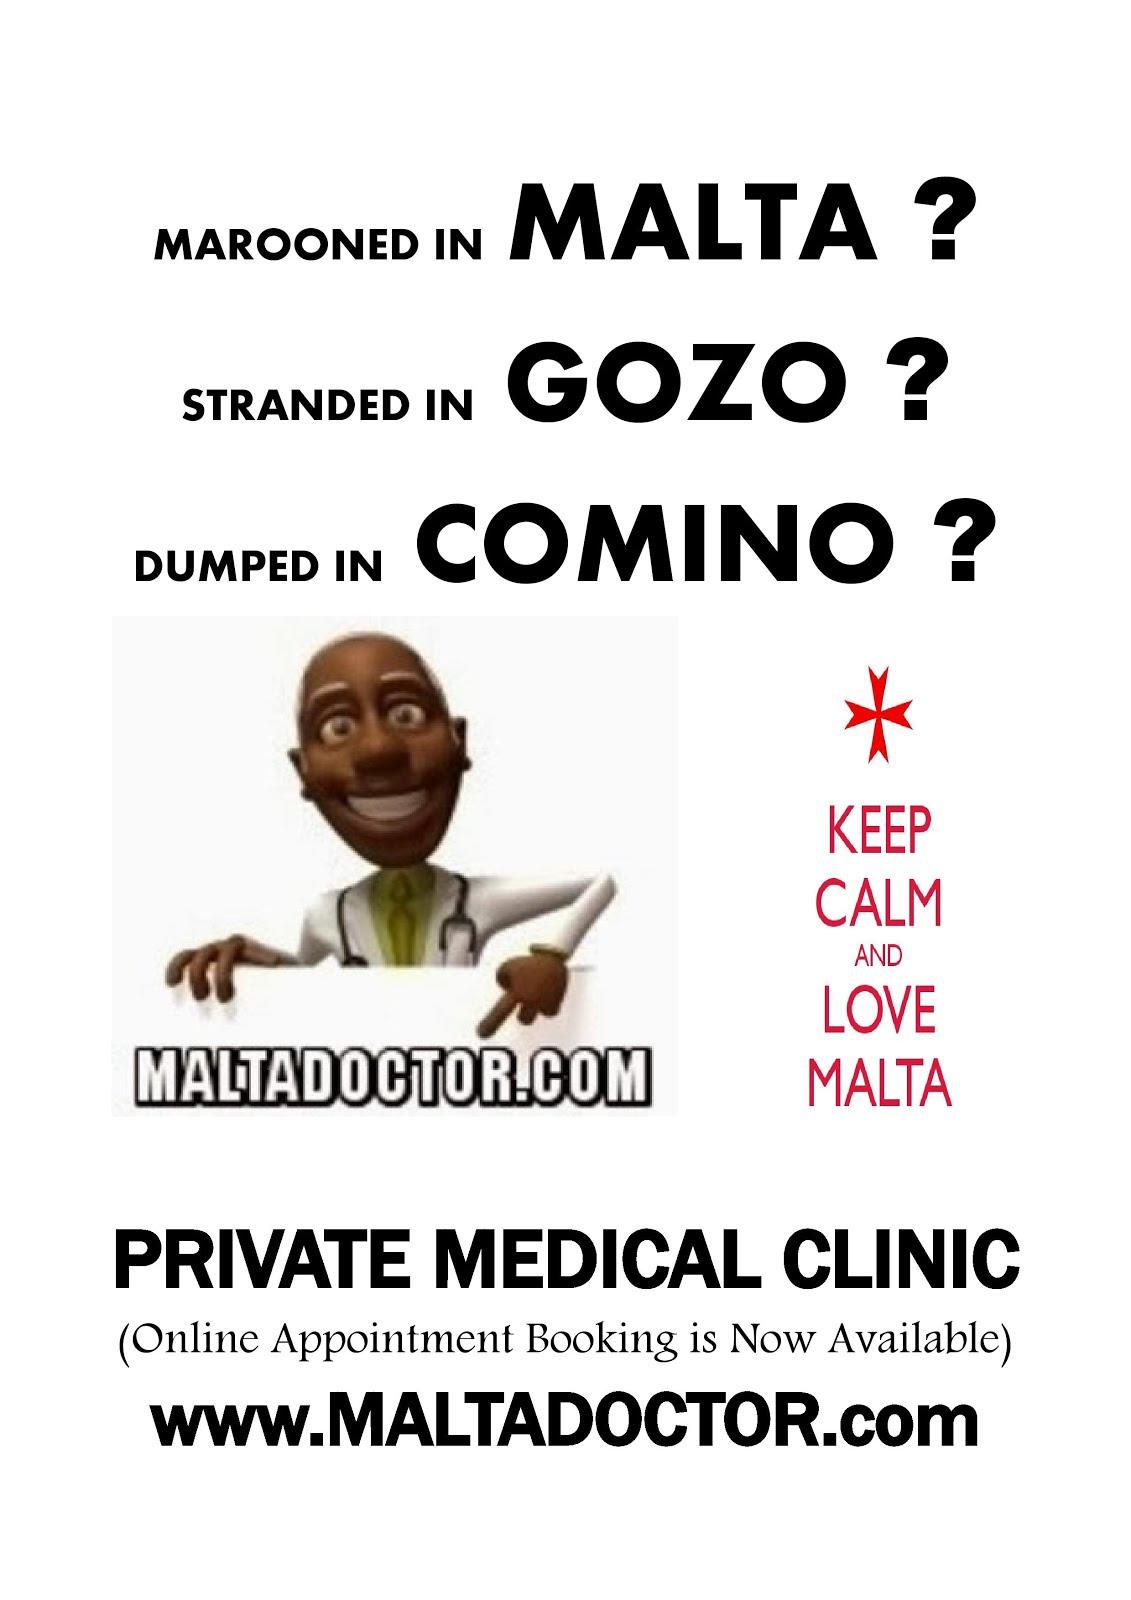 Malta Doctor | #Malta | Malta | @MaltaDoctor | Doctor in Malta | #MaltaDoctor | Private Clinic